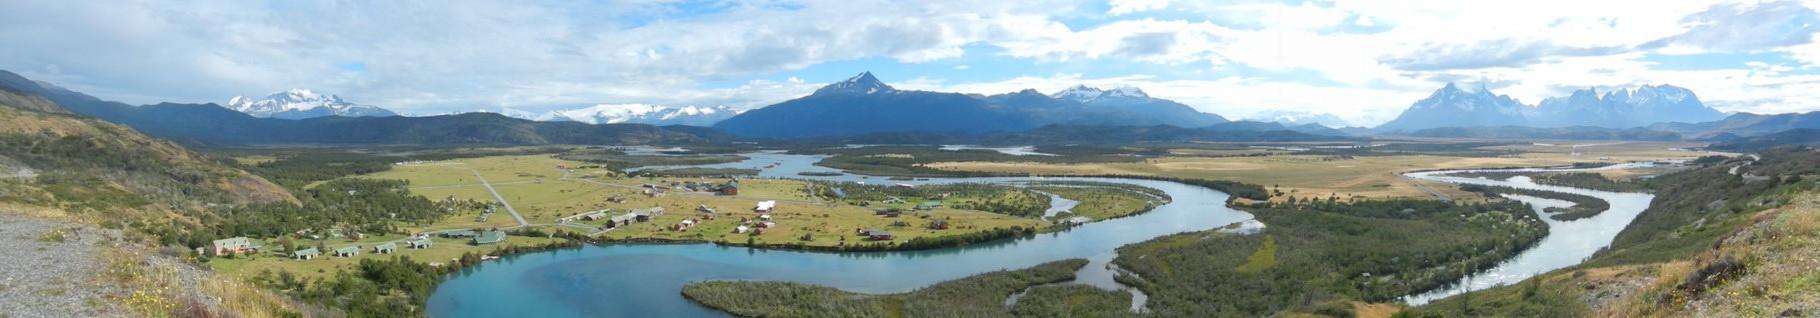 Mirador Ferreir im NP Torres del Paine